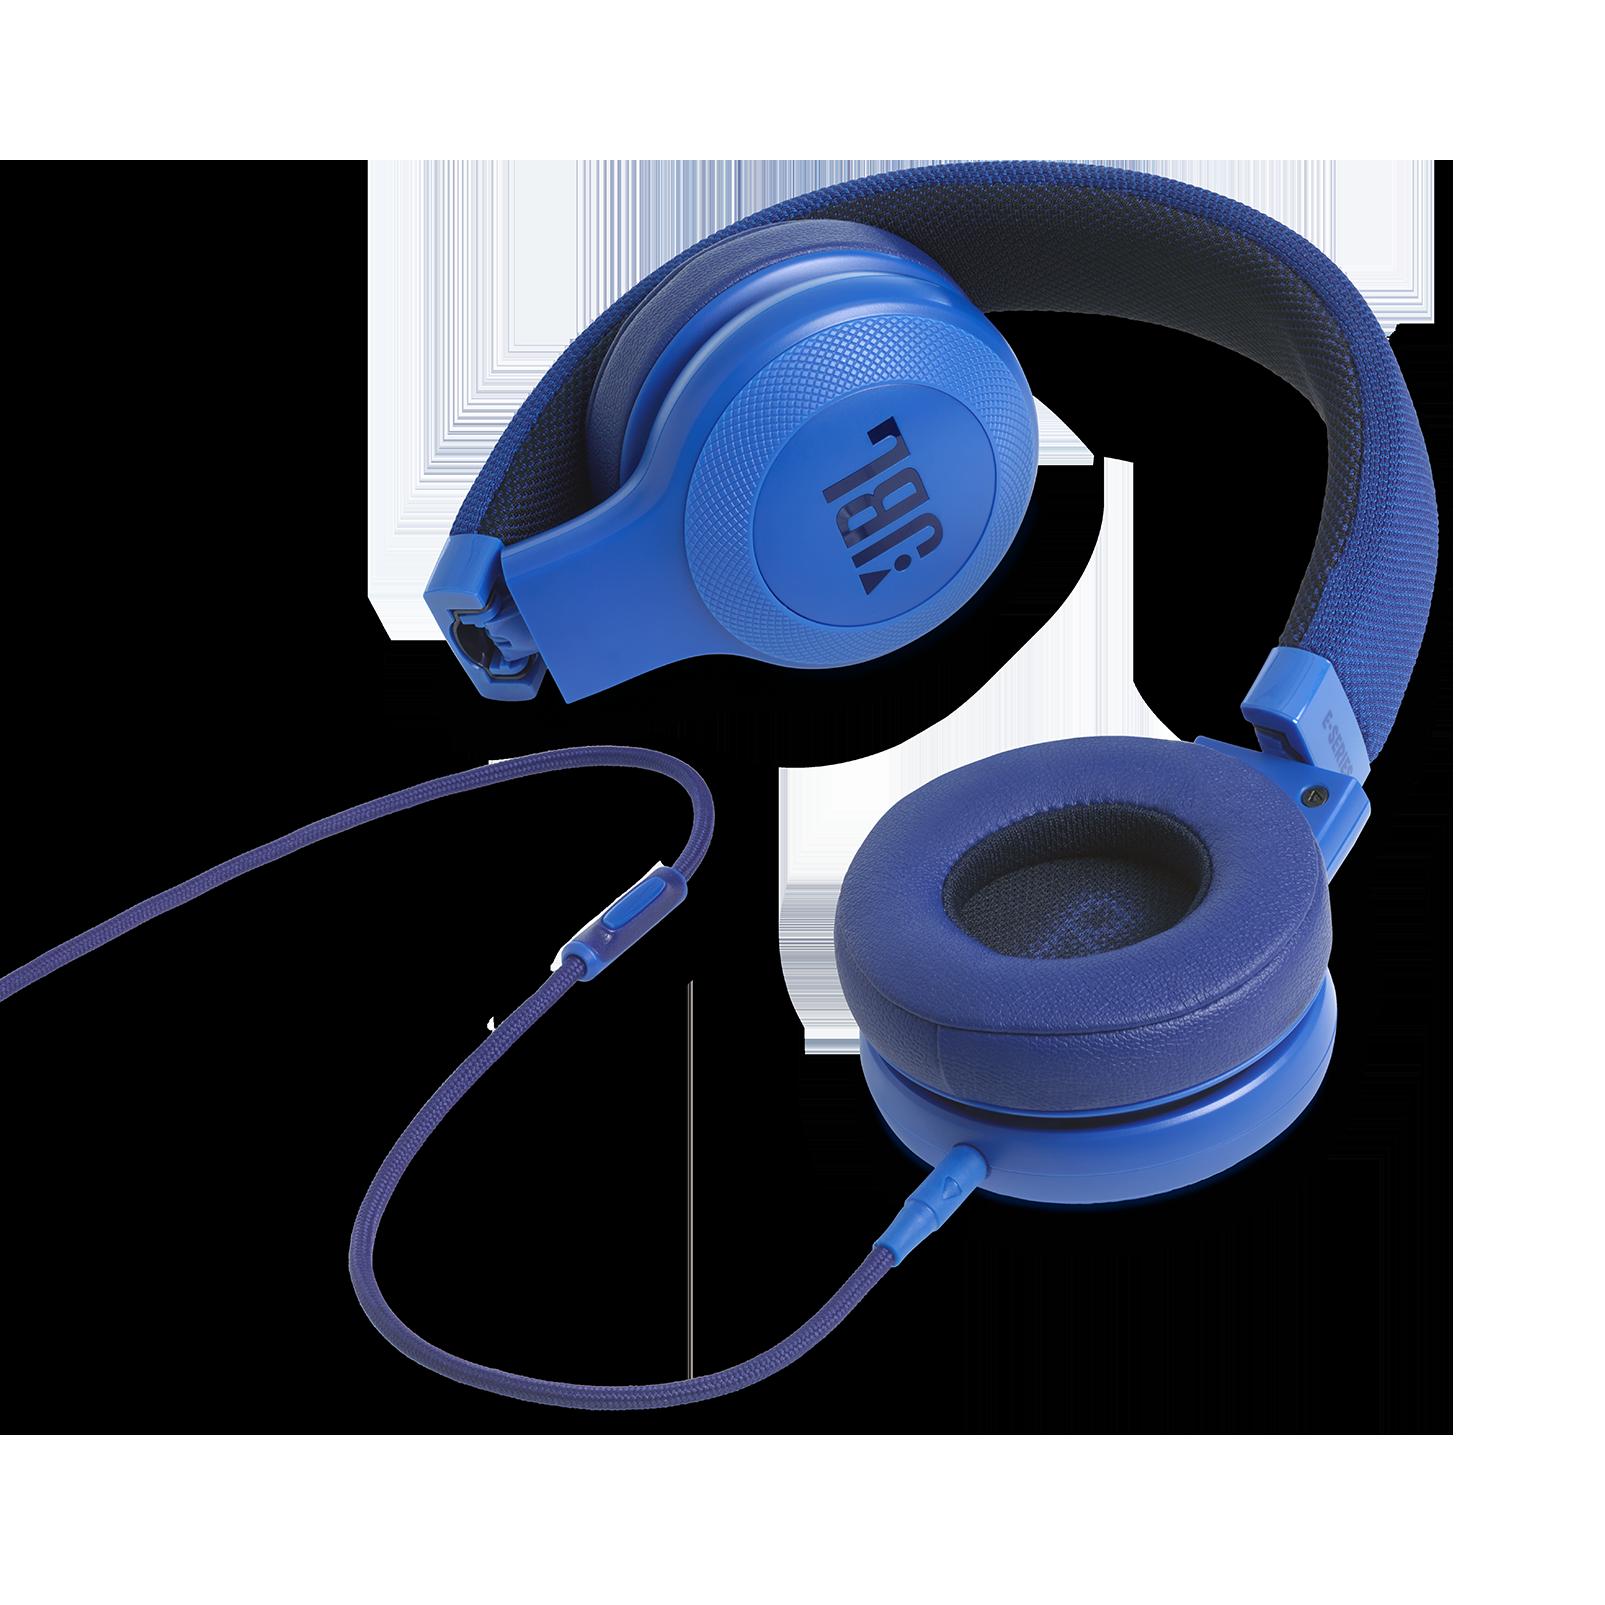 E35 - Blue - On-ear headphones - Detailshot 3